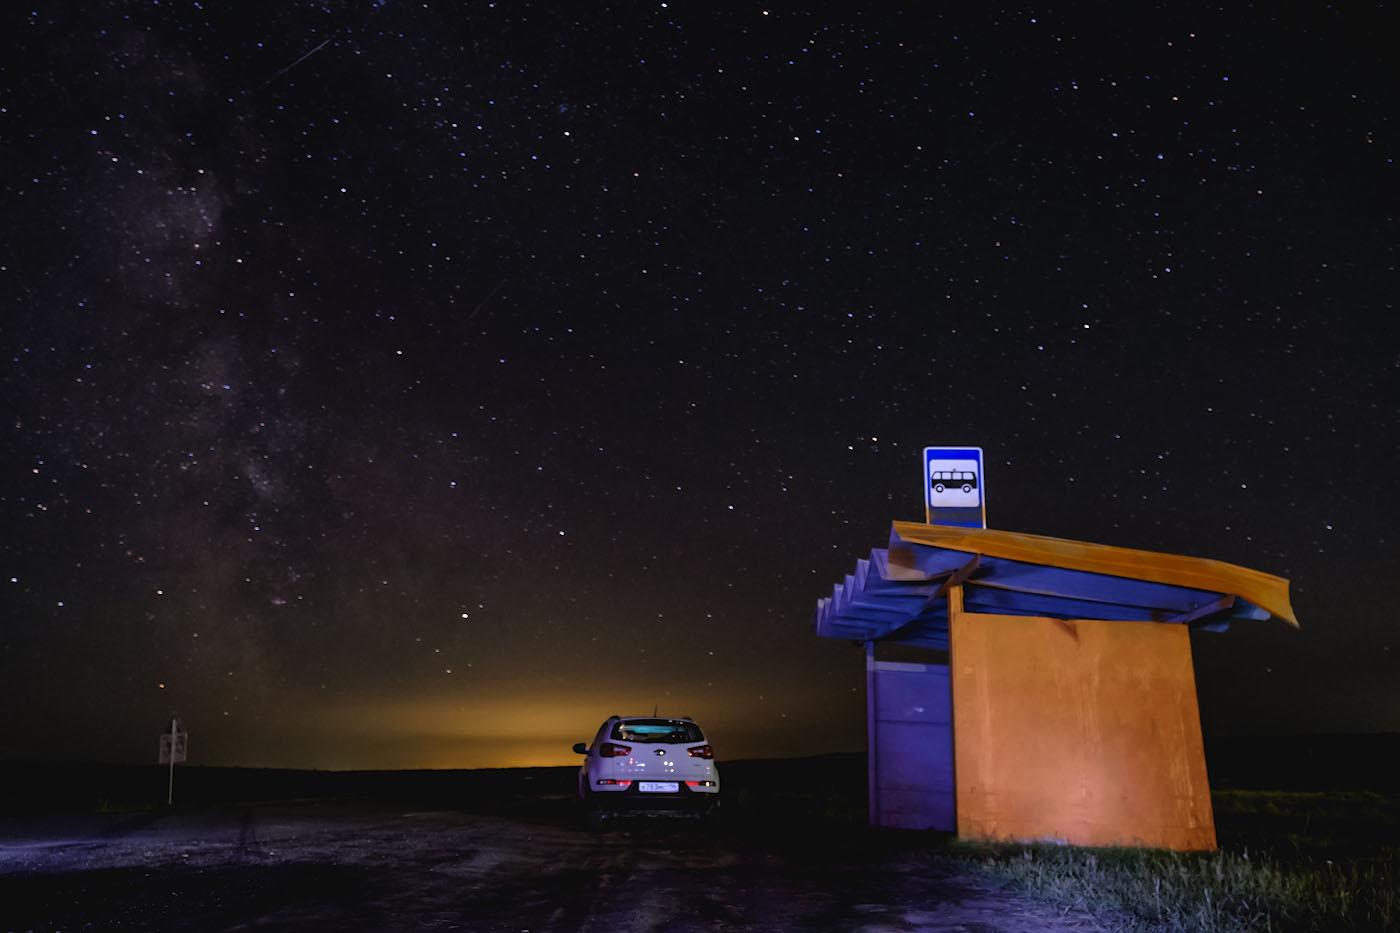 Фото 3. Как я снимал звездное небо на Fujifilm X-T10 с объективом Fujinon 16-55mm f/2.8.